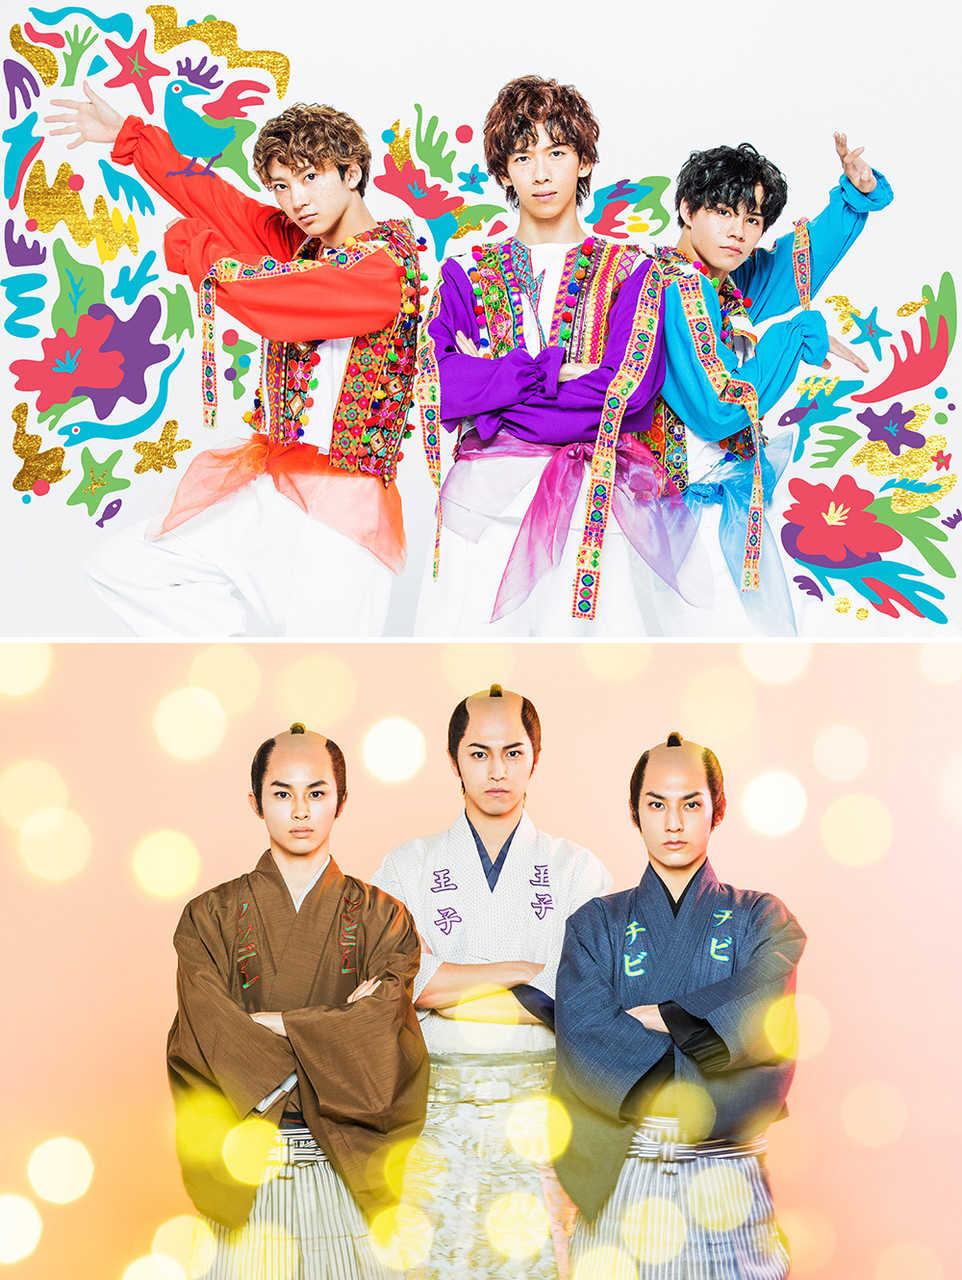 シーサー☆ボーイズ&座・武士道